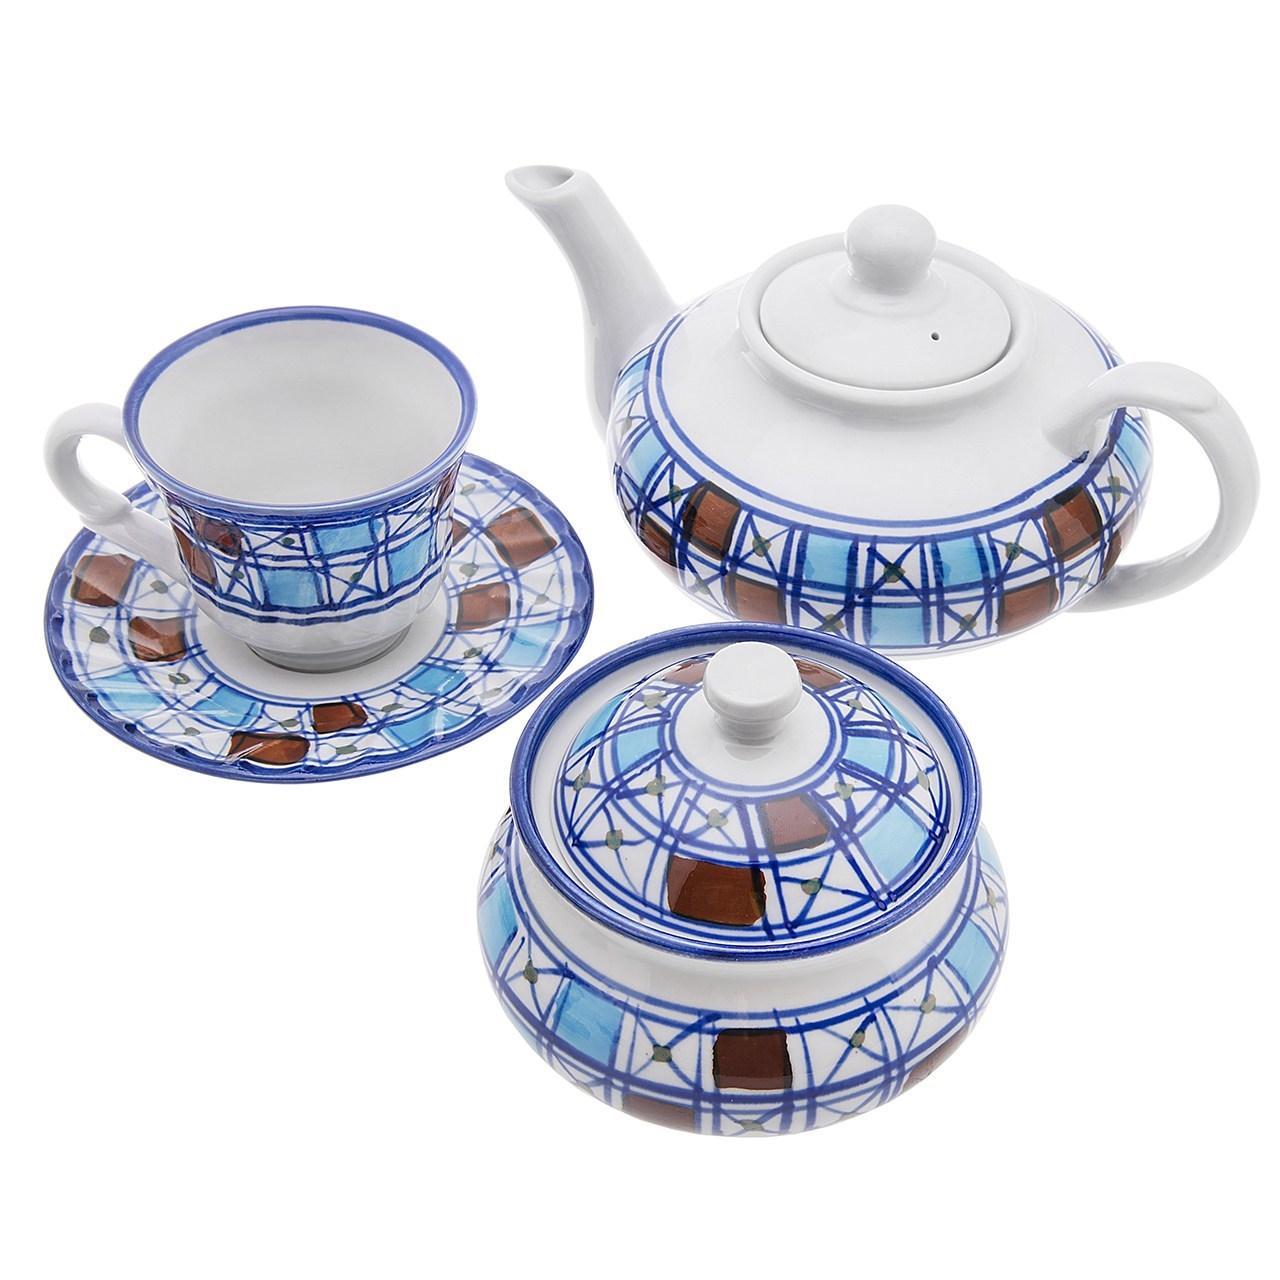 چای خوری چینی کارگاه میبد مروارید طرح شطرنجی سرویس 16 پارچه